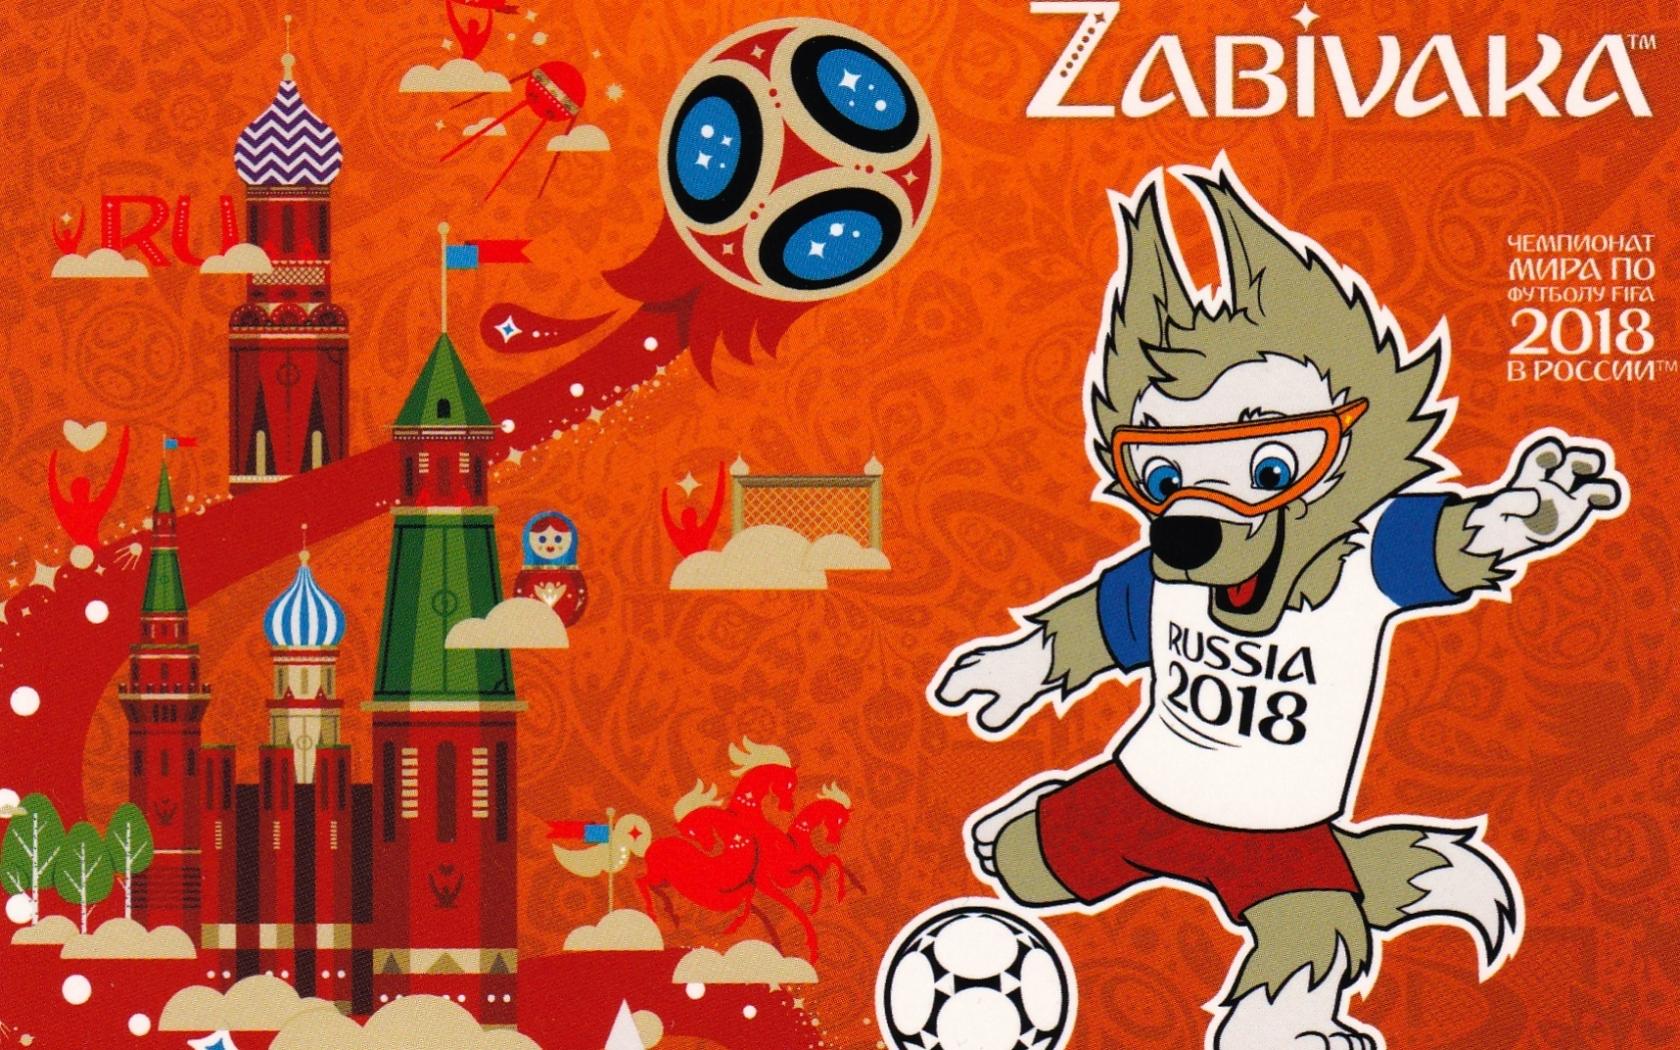 La Mascota del Mundial Rusia 2018 - 1680x1050